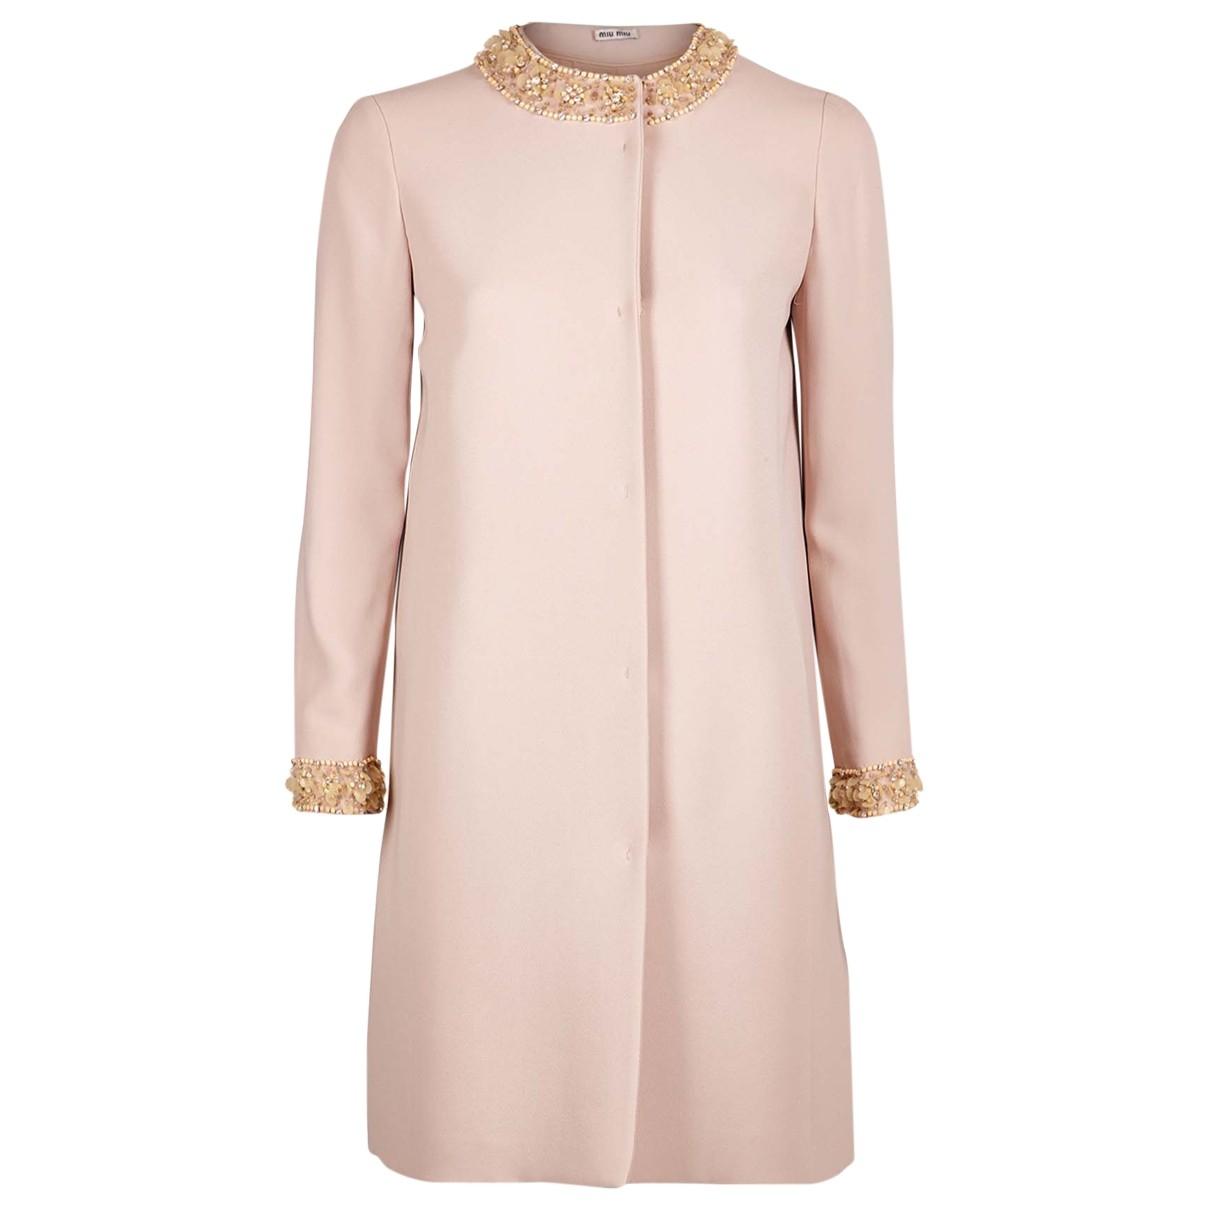 Miu Miu \N Pink coat for Women 8 UK